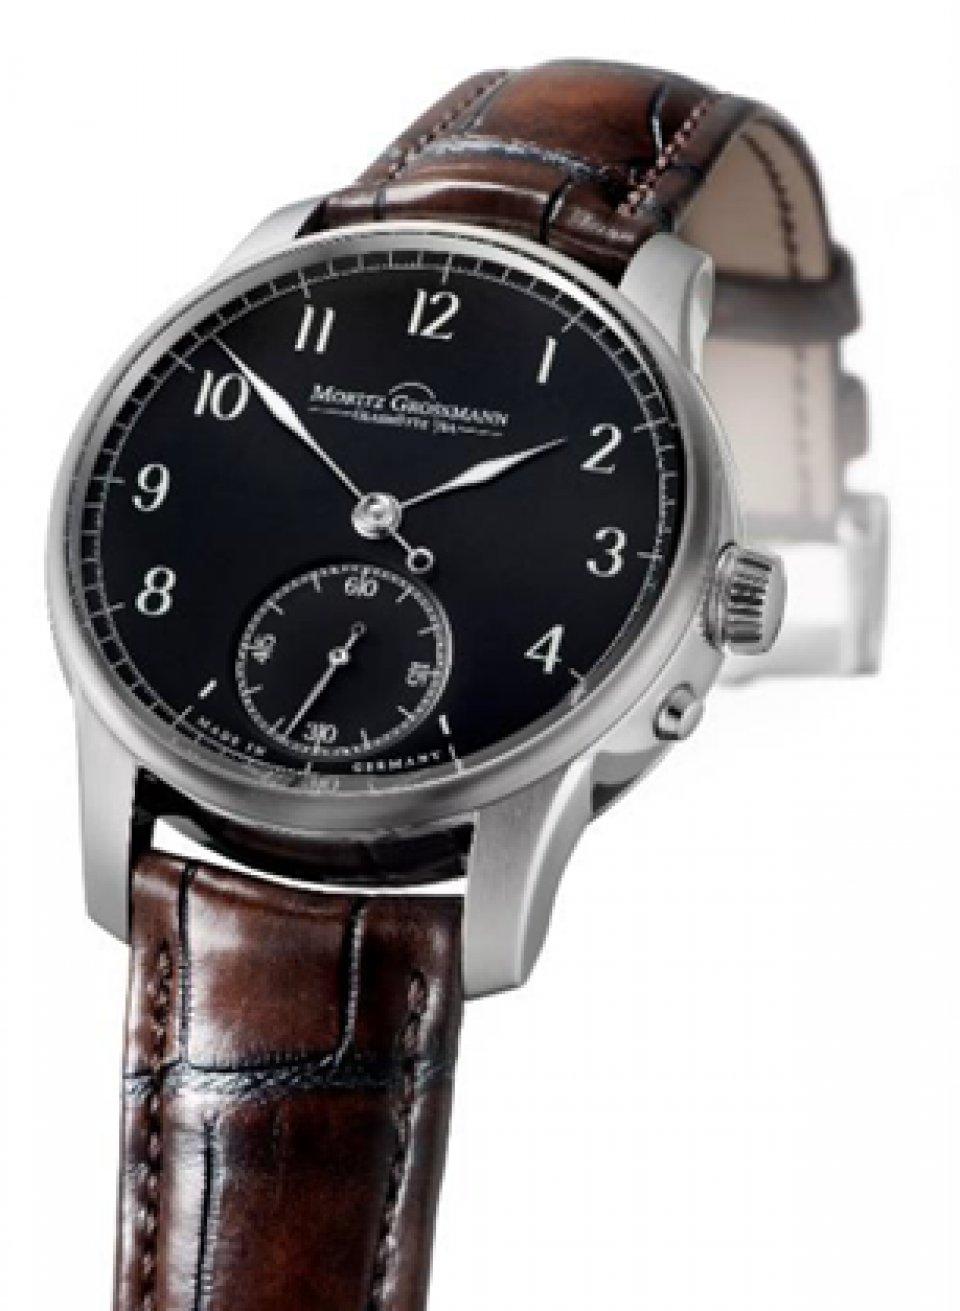 3cddcdf175 2016年11月、ザクセンのグラスヒュッテに拠点を構えるドイツ高級時計ブランドの'モリッツ・グロスマン'は、ファーストモデル「ベヌー」をベースにした日本 限定20本の ...